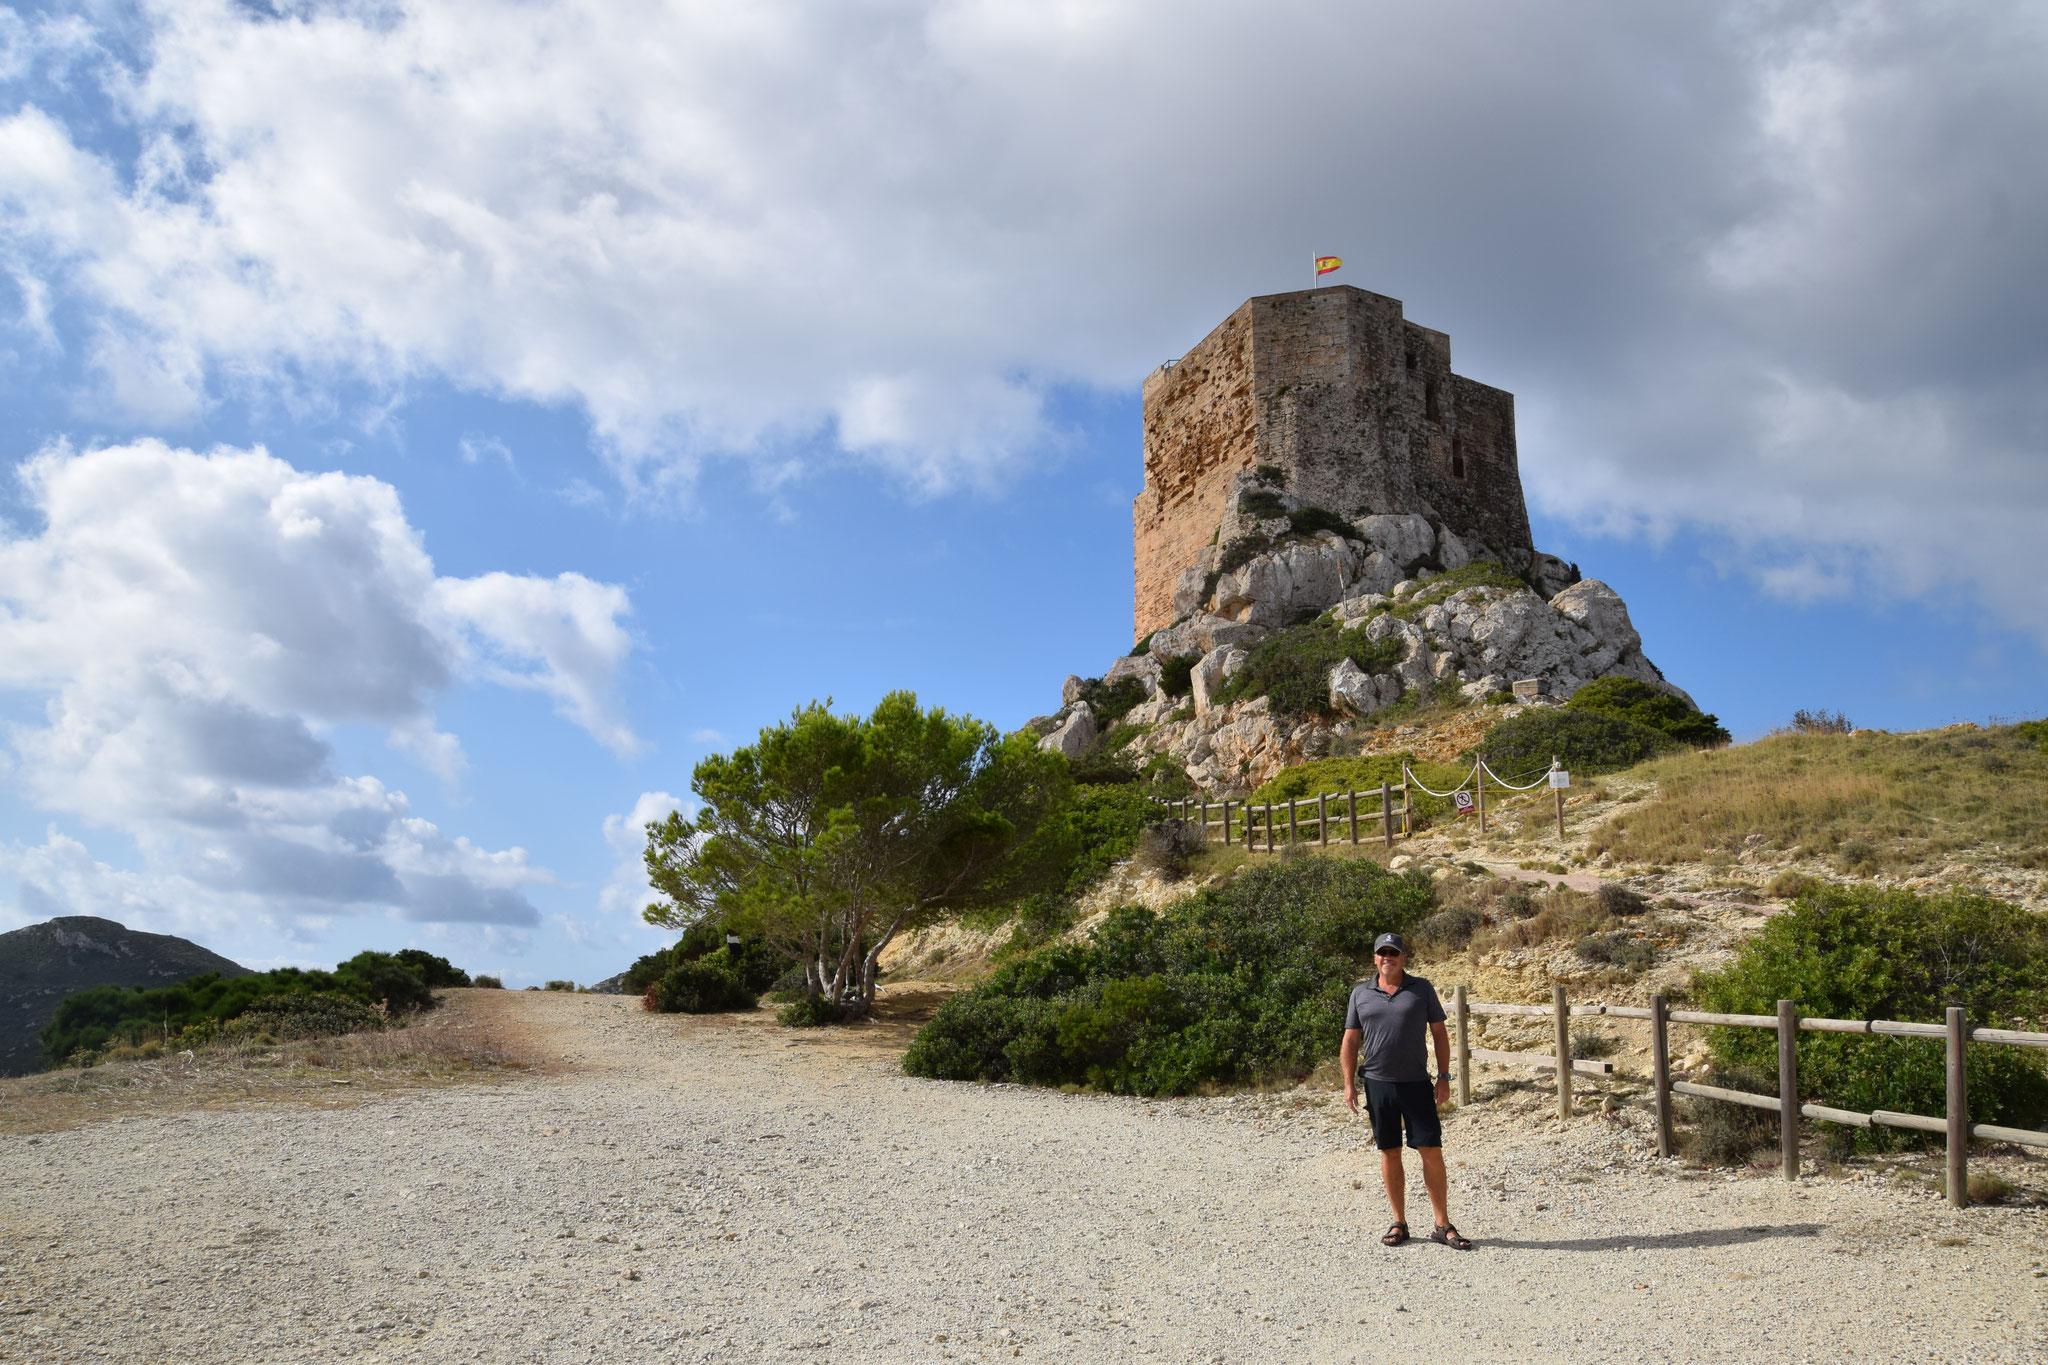 Kastell, als Schutz vor Überfällen, erbaut im 14. Jahrhundert